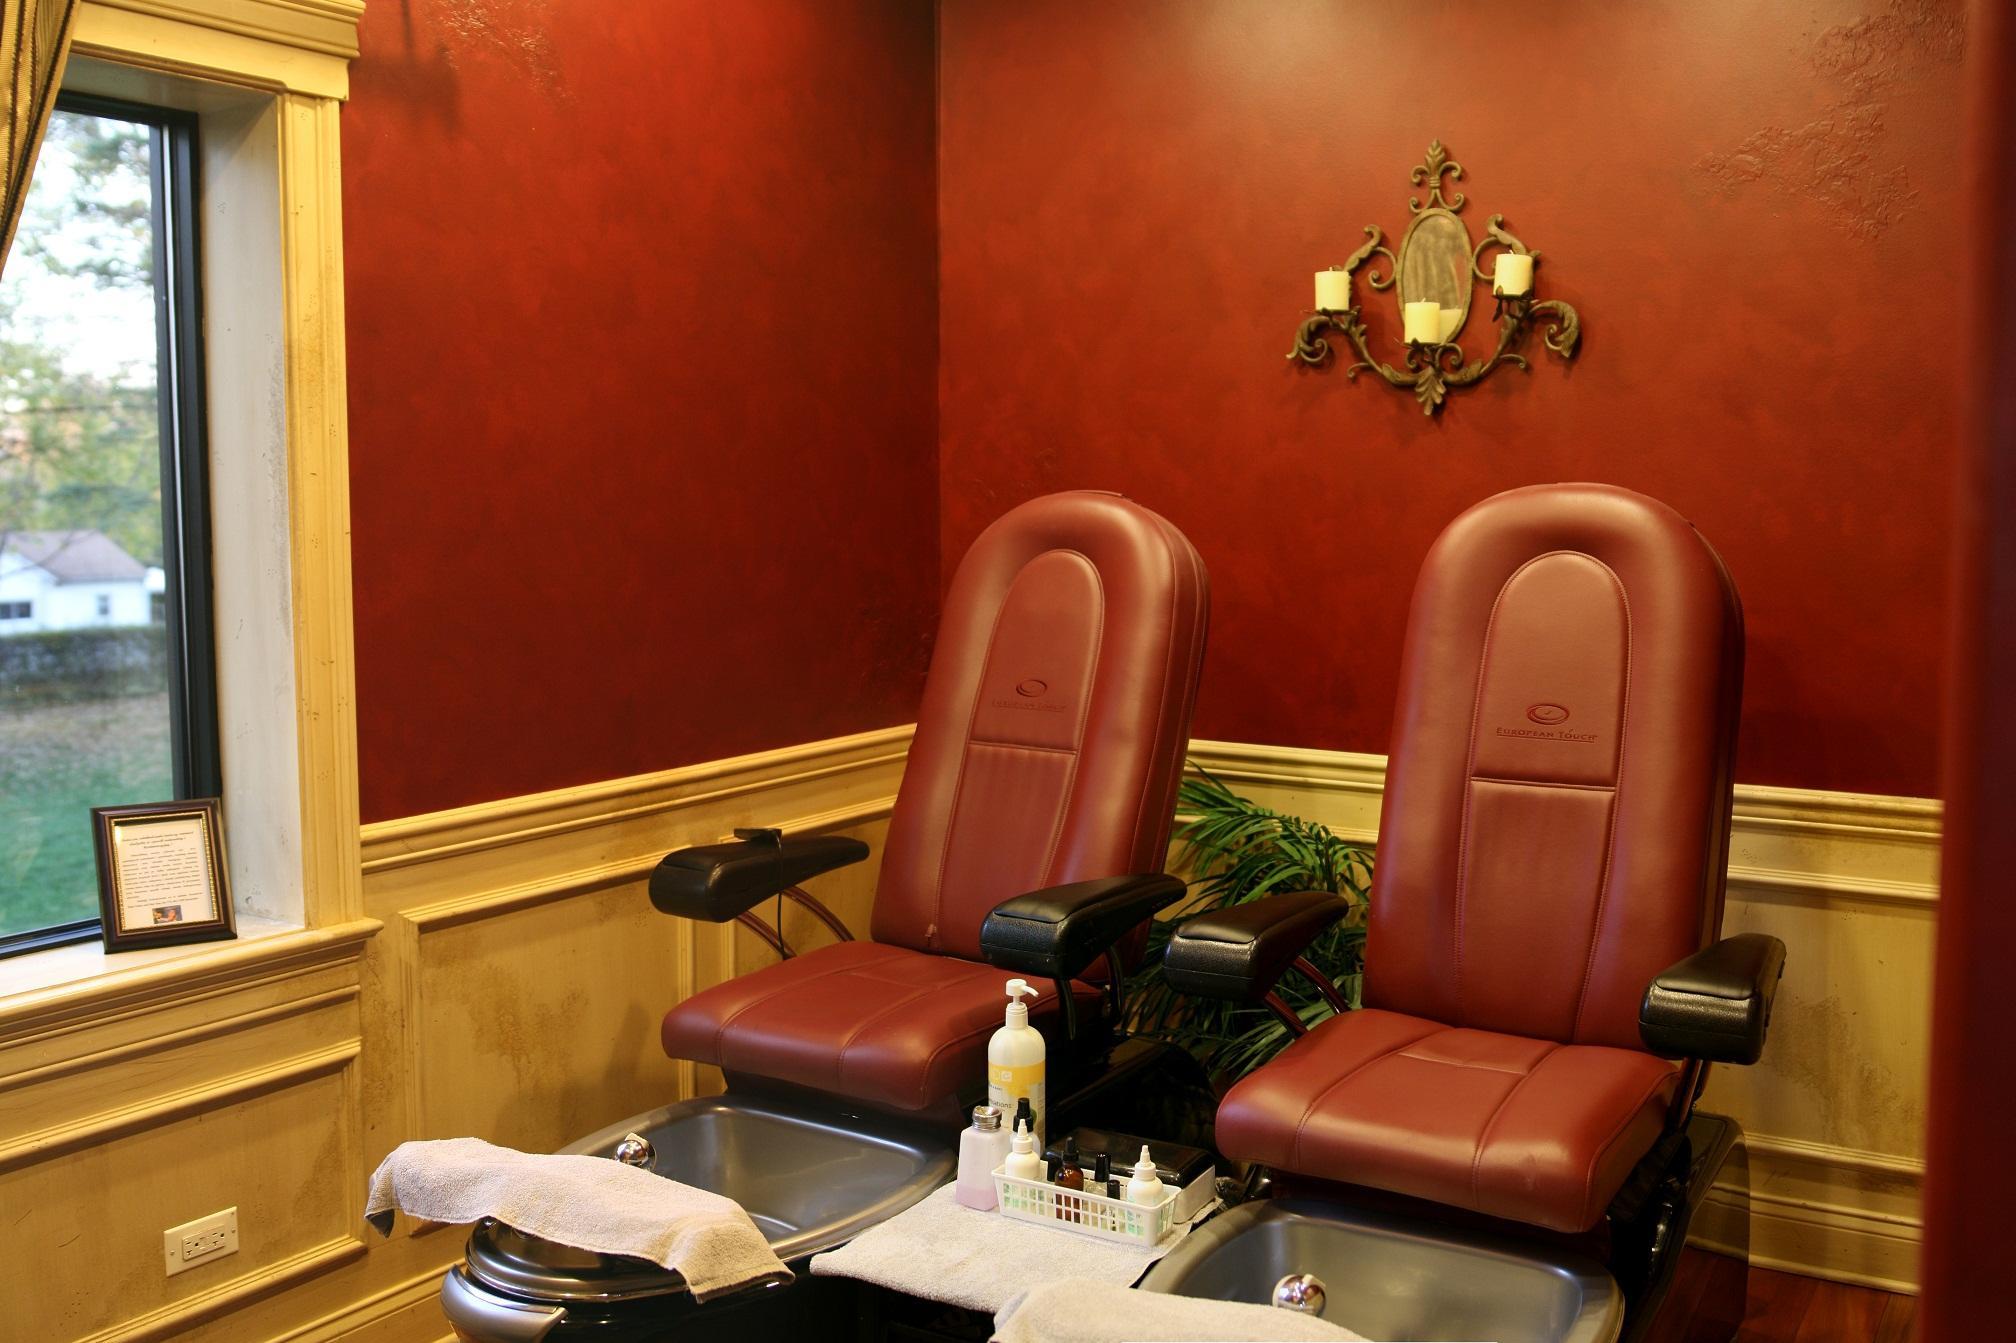 Fanaberia Salon & Day Spa image 1